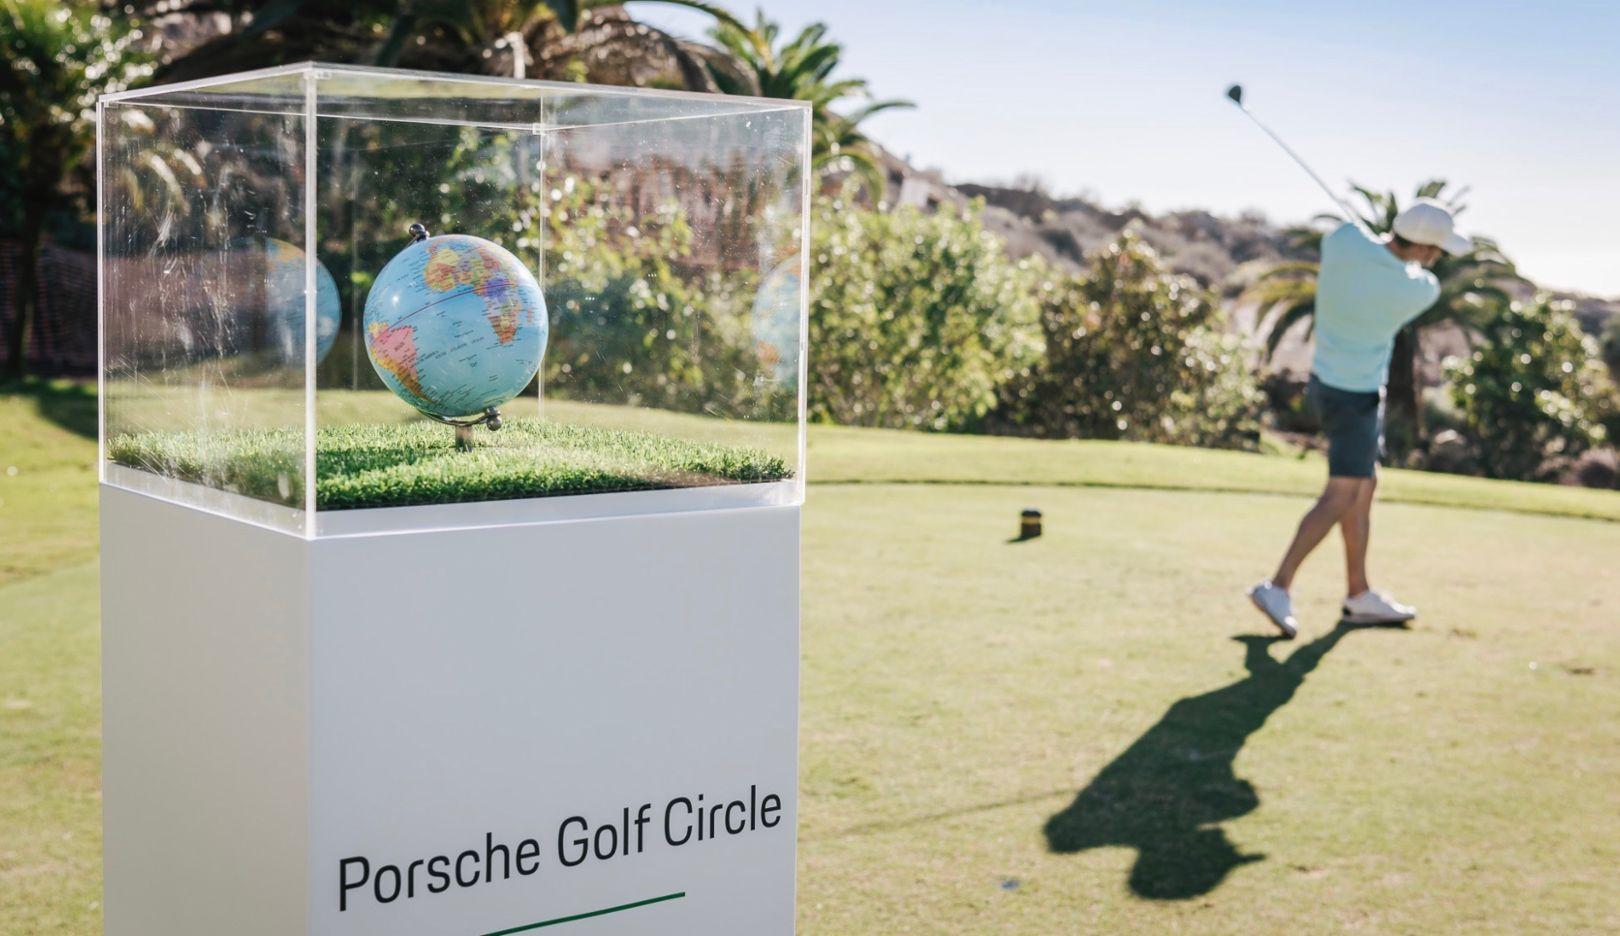 Porsche Golf Circle, Abama Golf Resort, Tenerife, 2018, Porsche AG